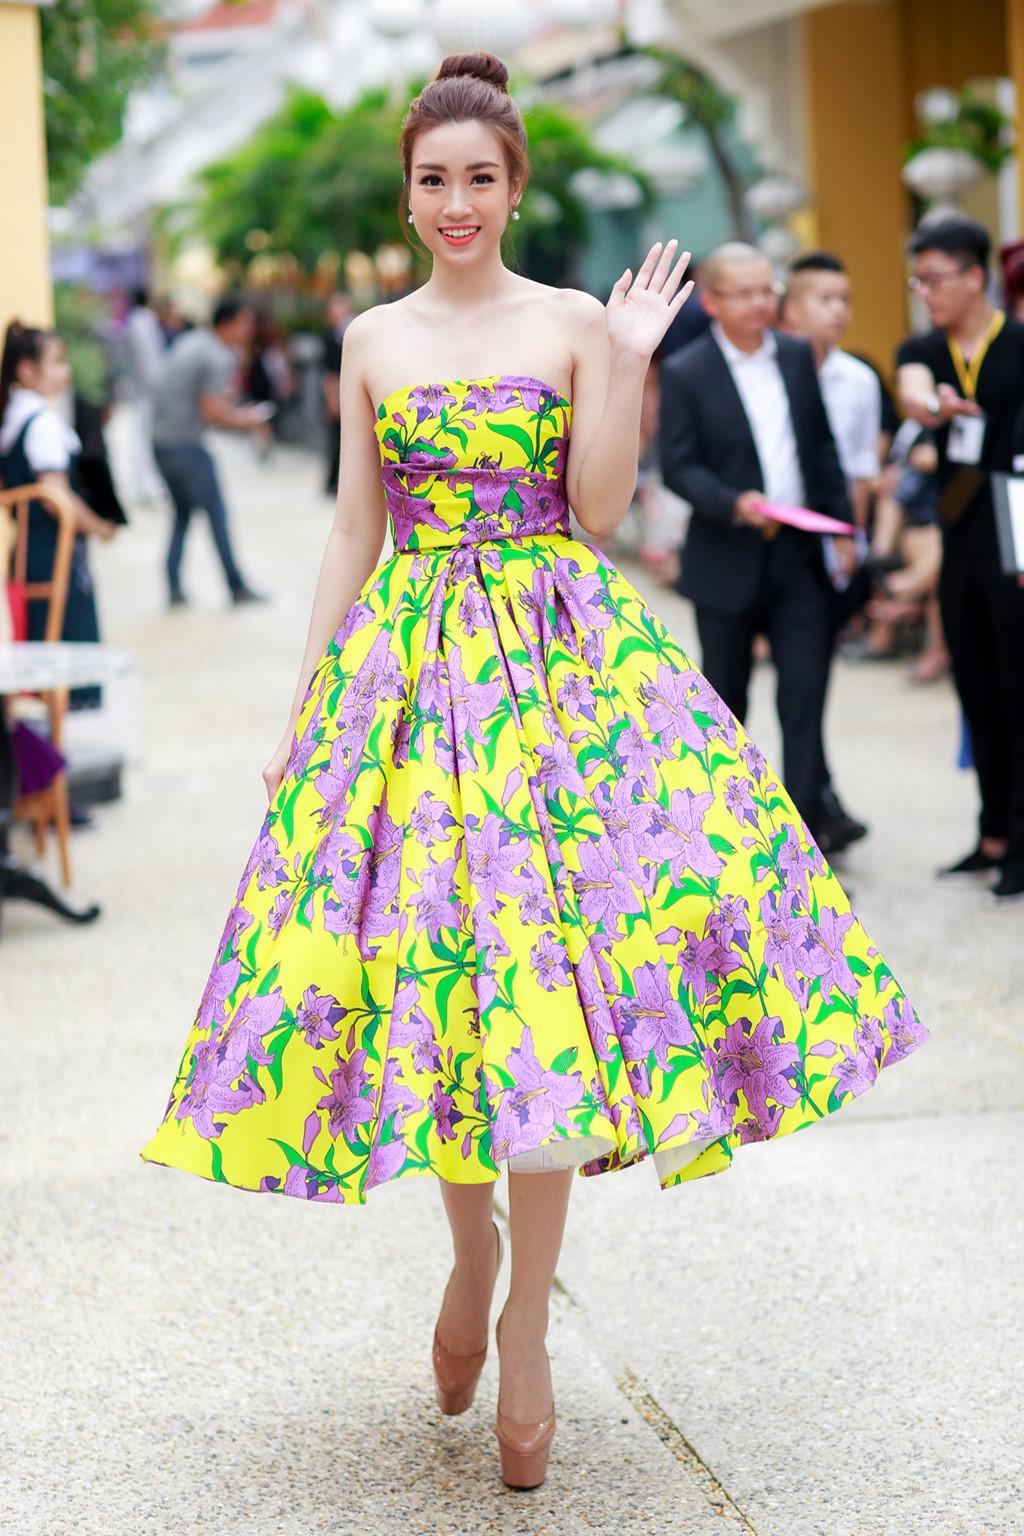 Hoa hậu Đỗ Mỹ Linh chuộng phong cách công chúa-5